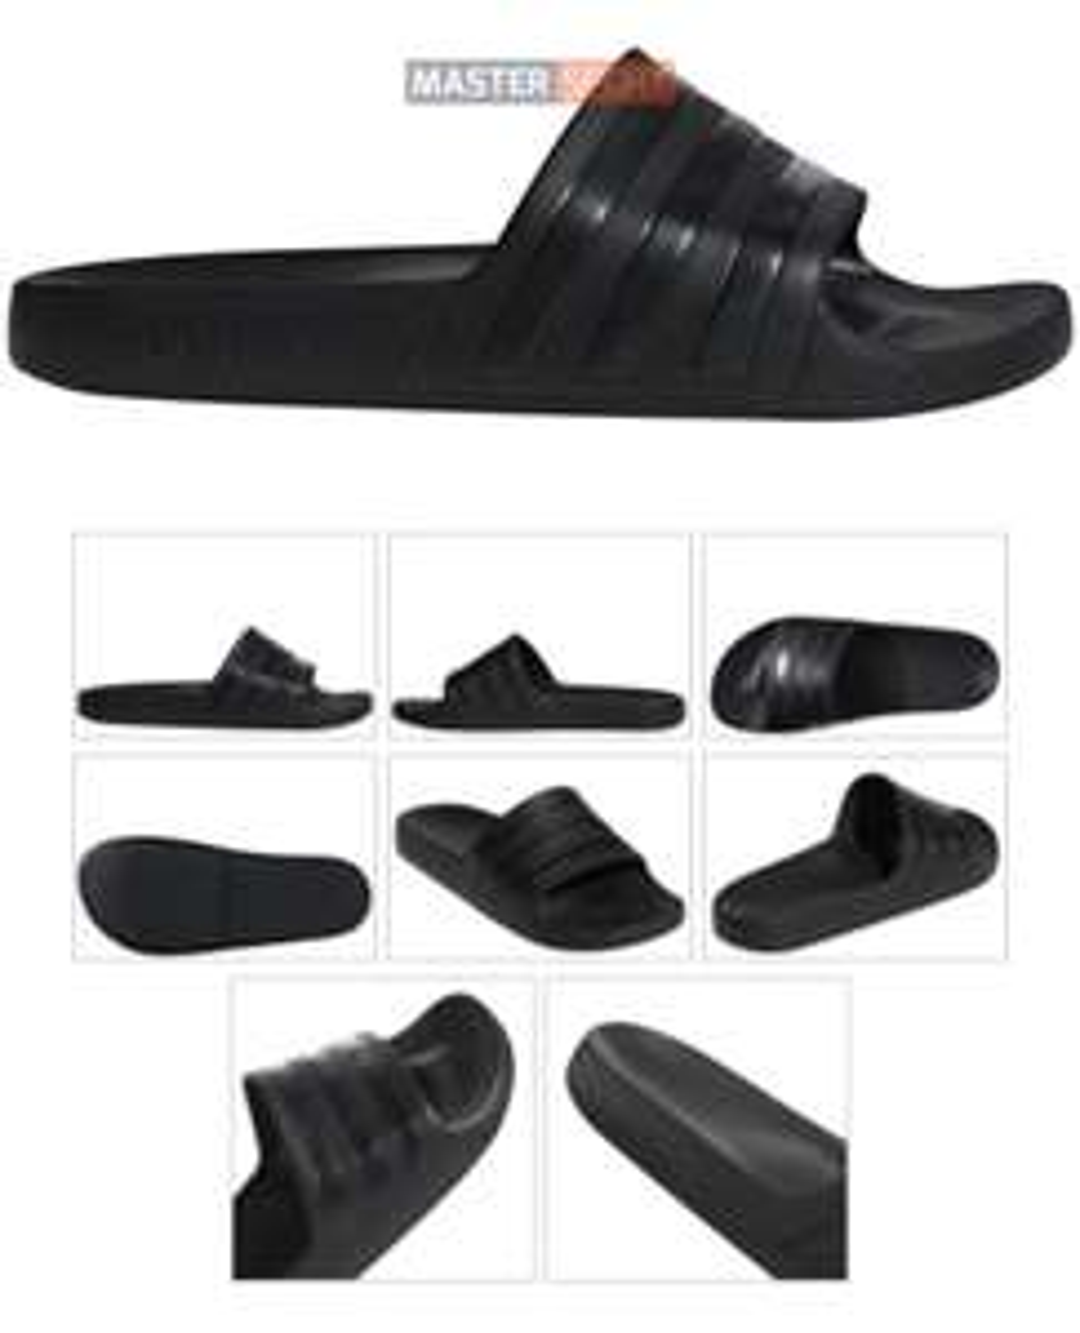 Klapki Adidas Adilette - dużo rozmiarów, japonki Reebok 31,20zł + kilka innych przykładów, cena z newsletterem - 20%